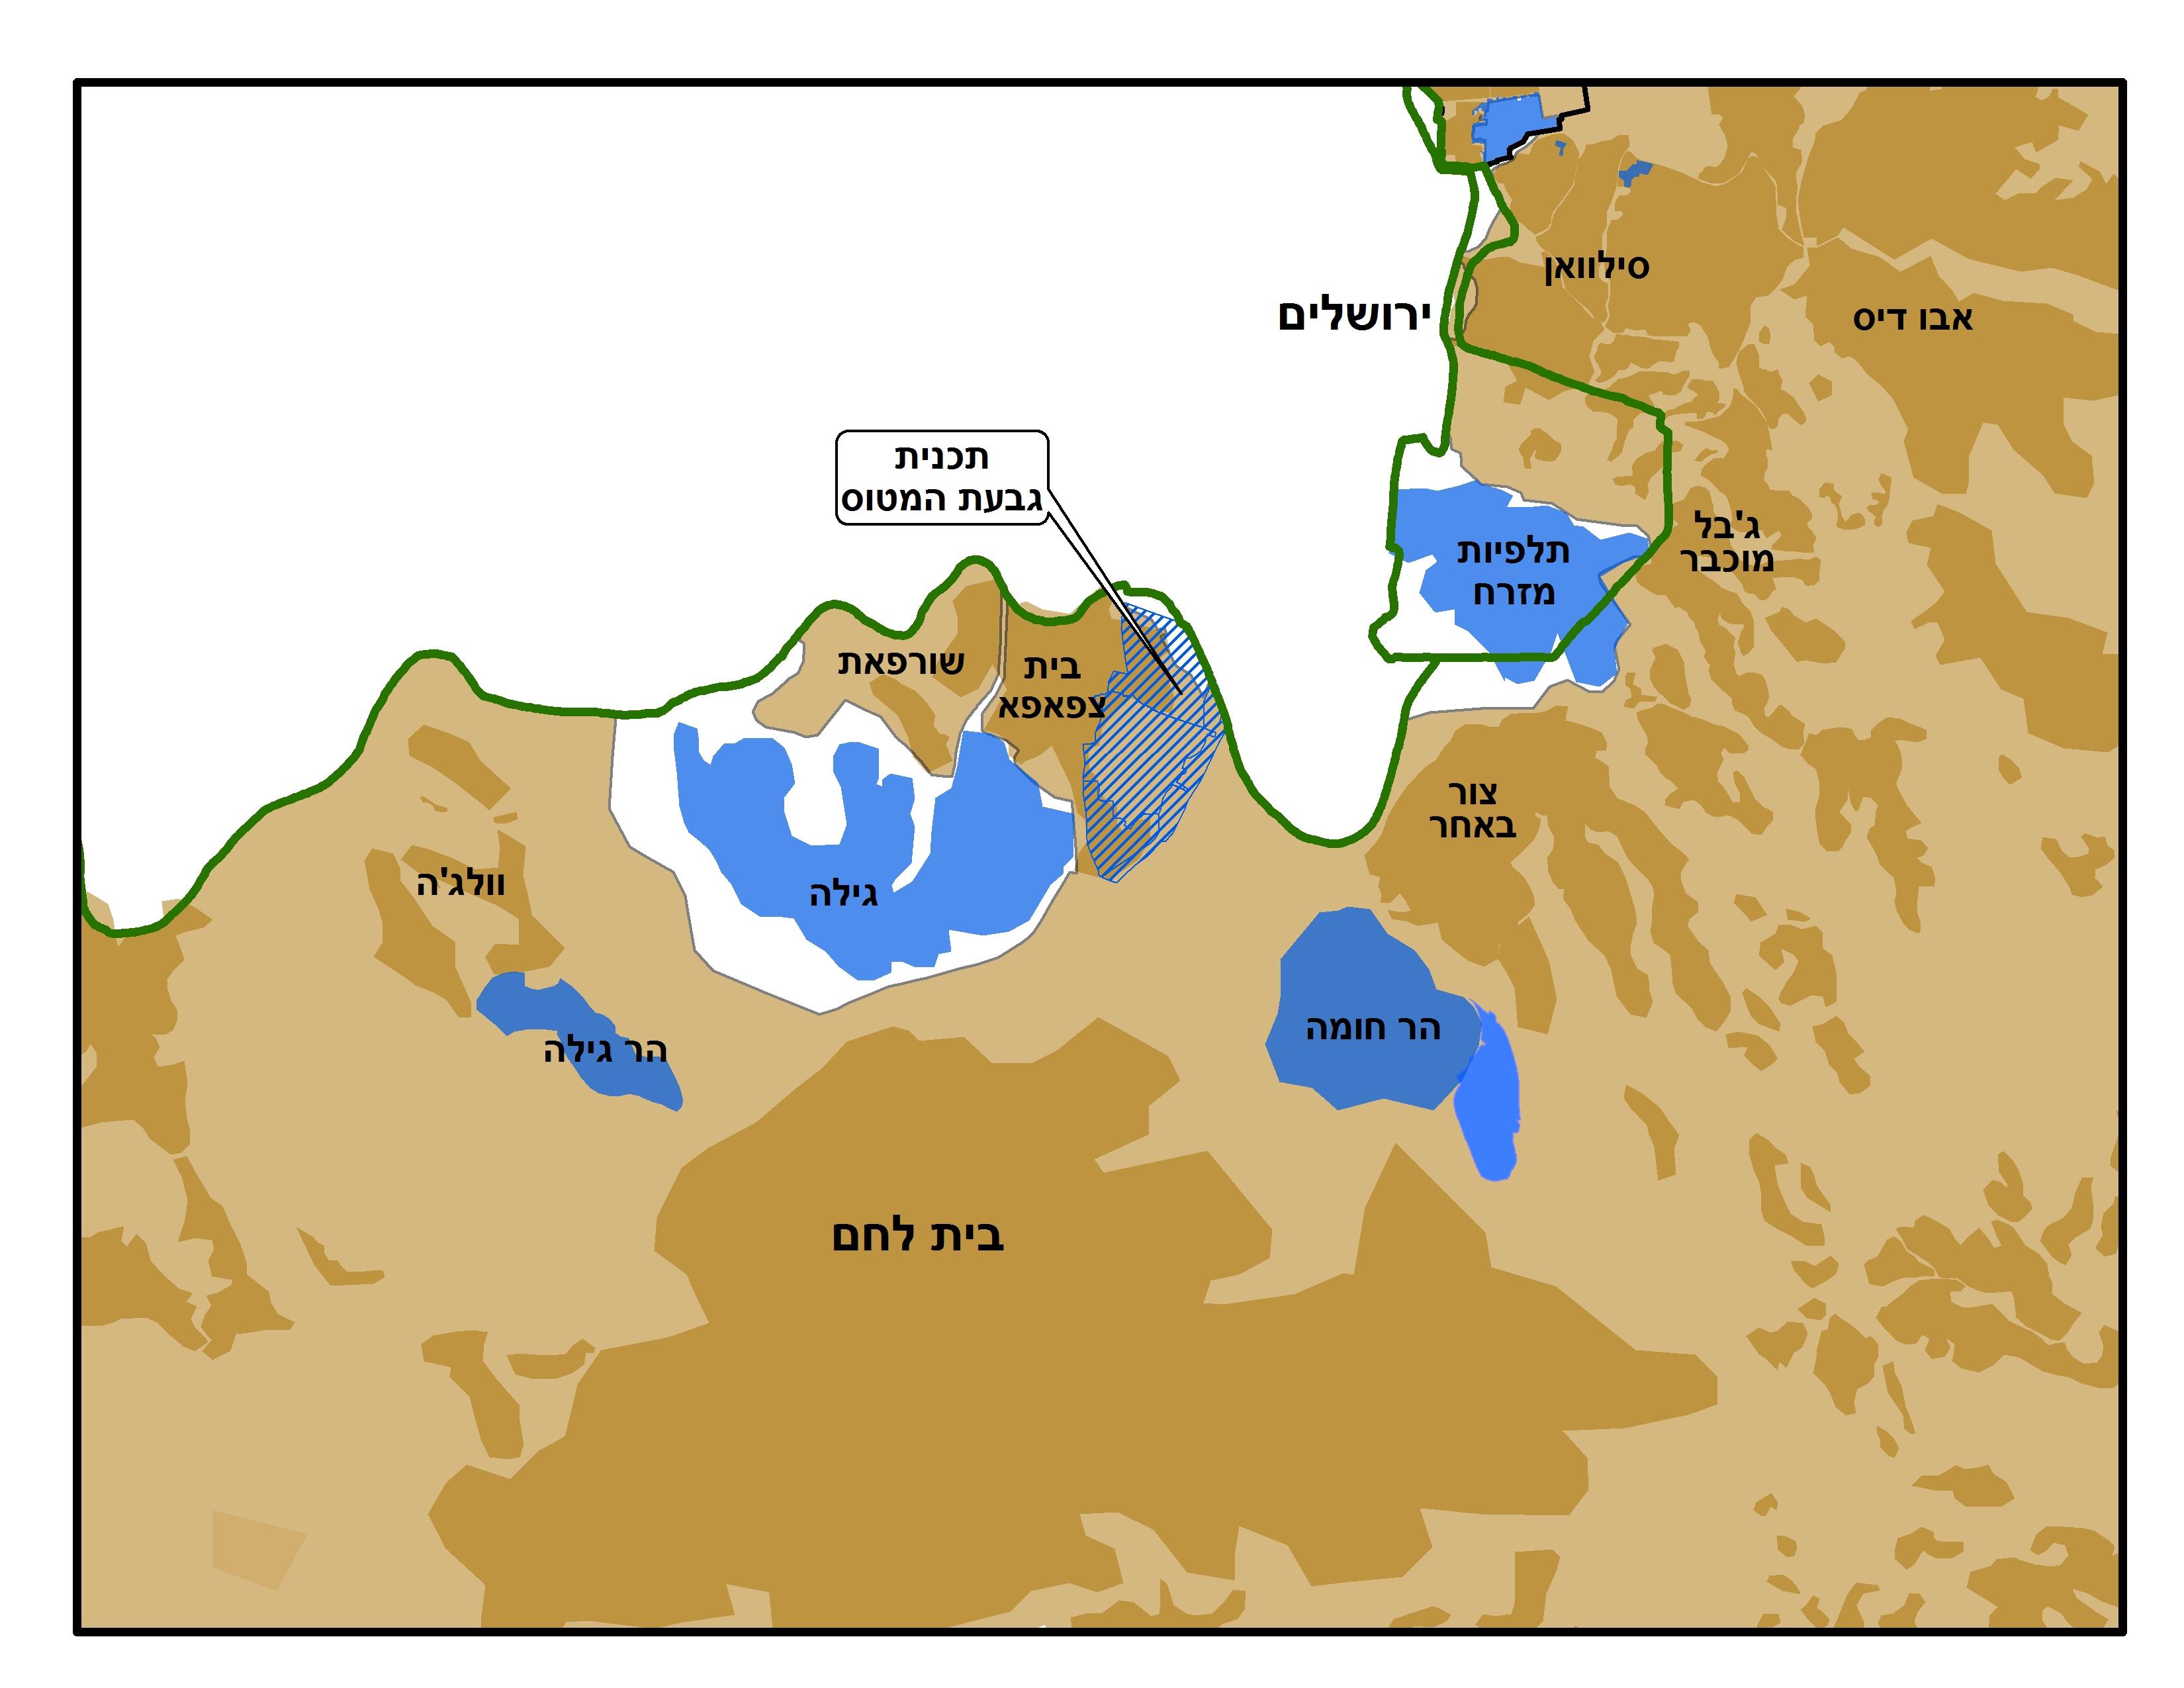 מפת אזור גבעת המטוס וחשיבותה // מתוך אתר שלום עכשיו